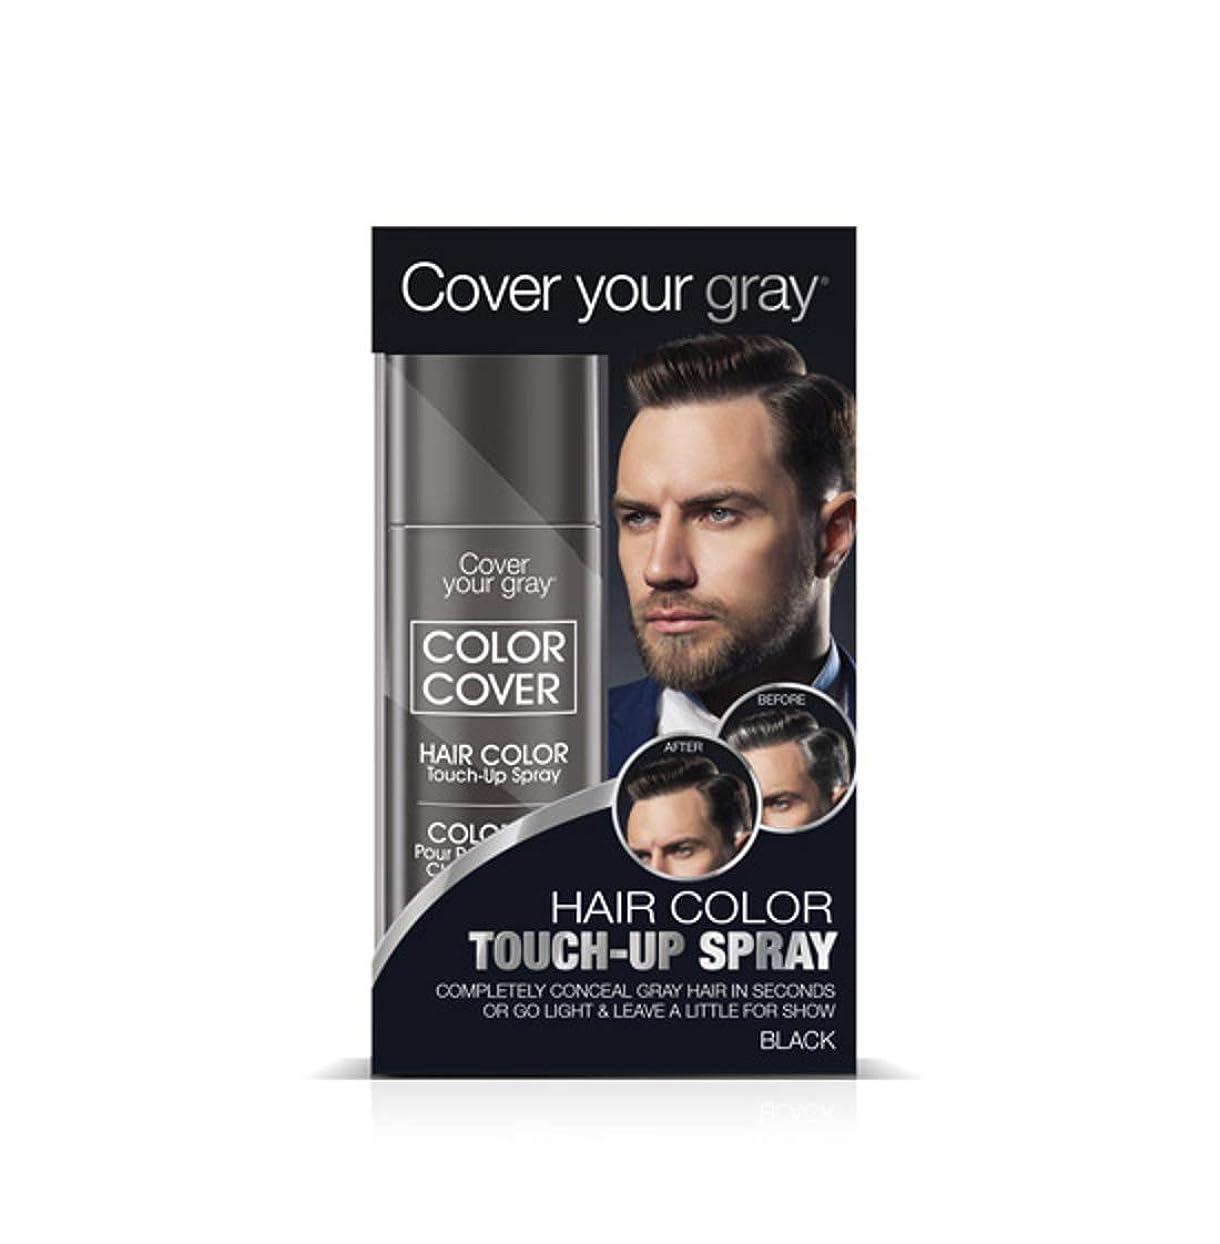 死傷者到着する安定したCover Your Gray メンズカラーカバータッチアップスプレー - ブラック(3パック)